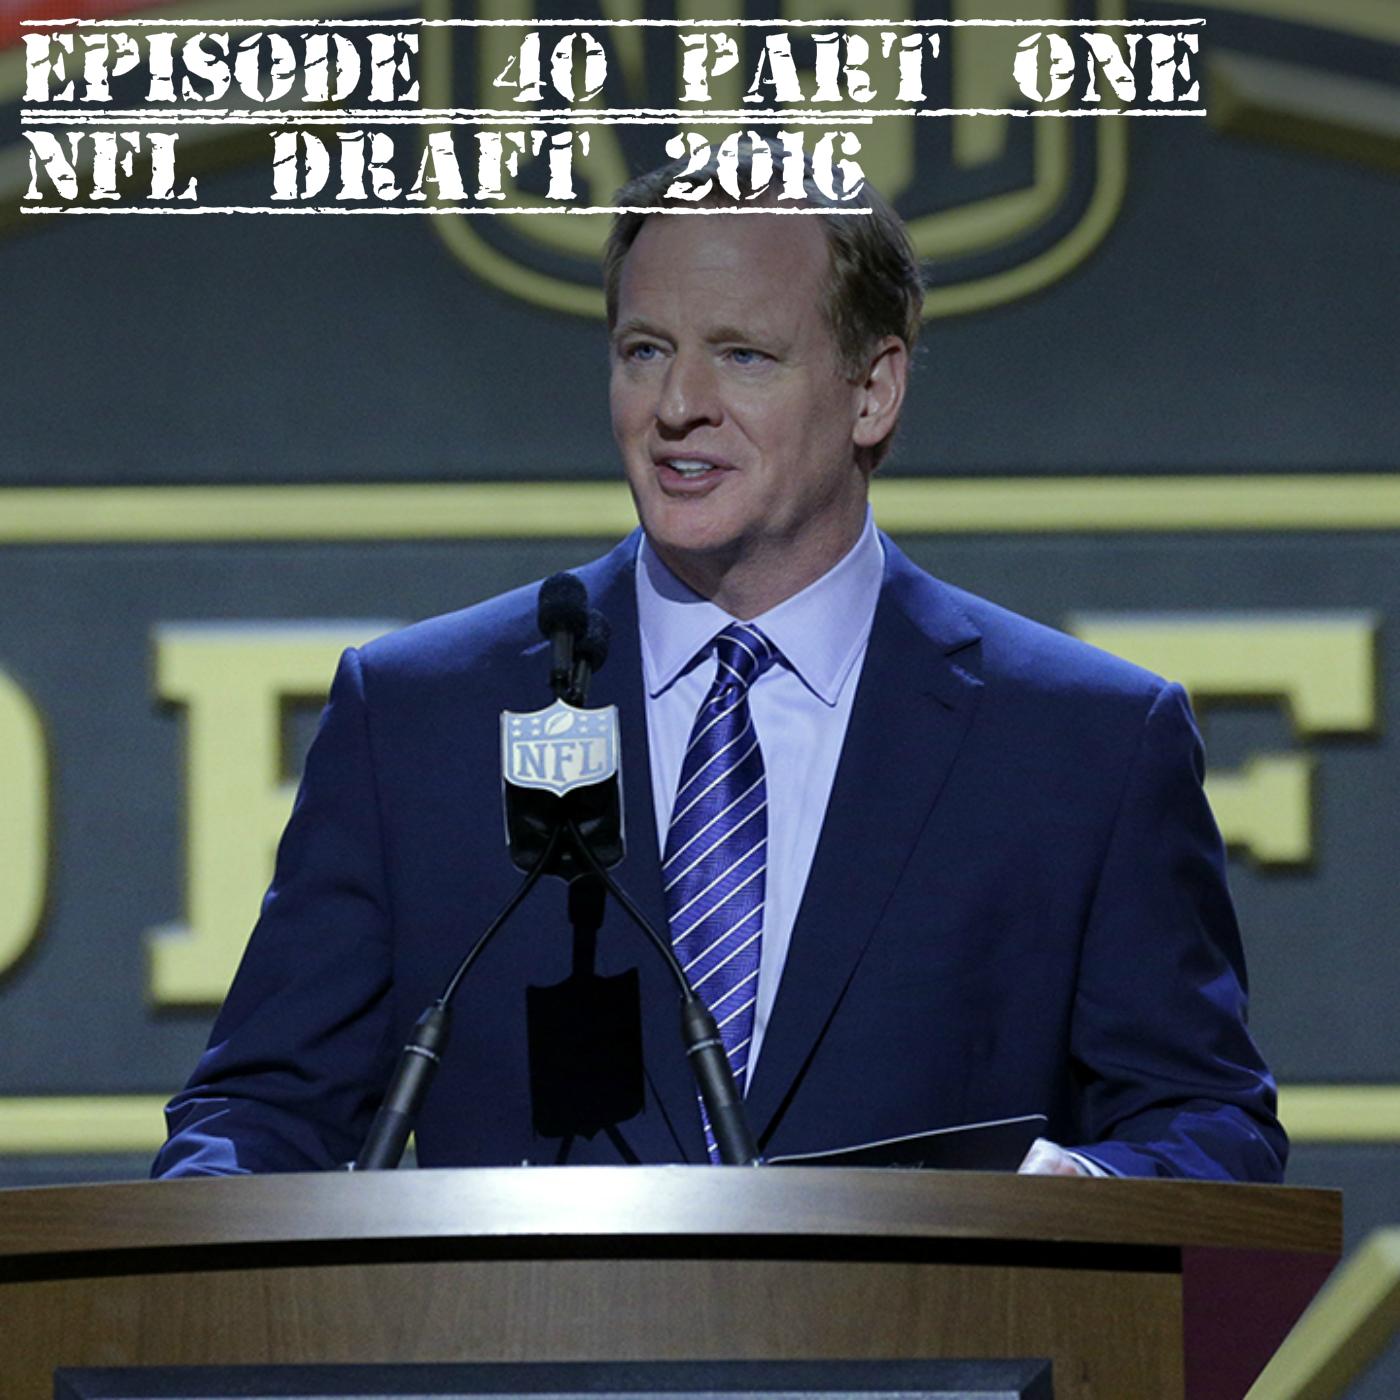 EP 40 pt1 NFL Draft.jpg